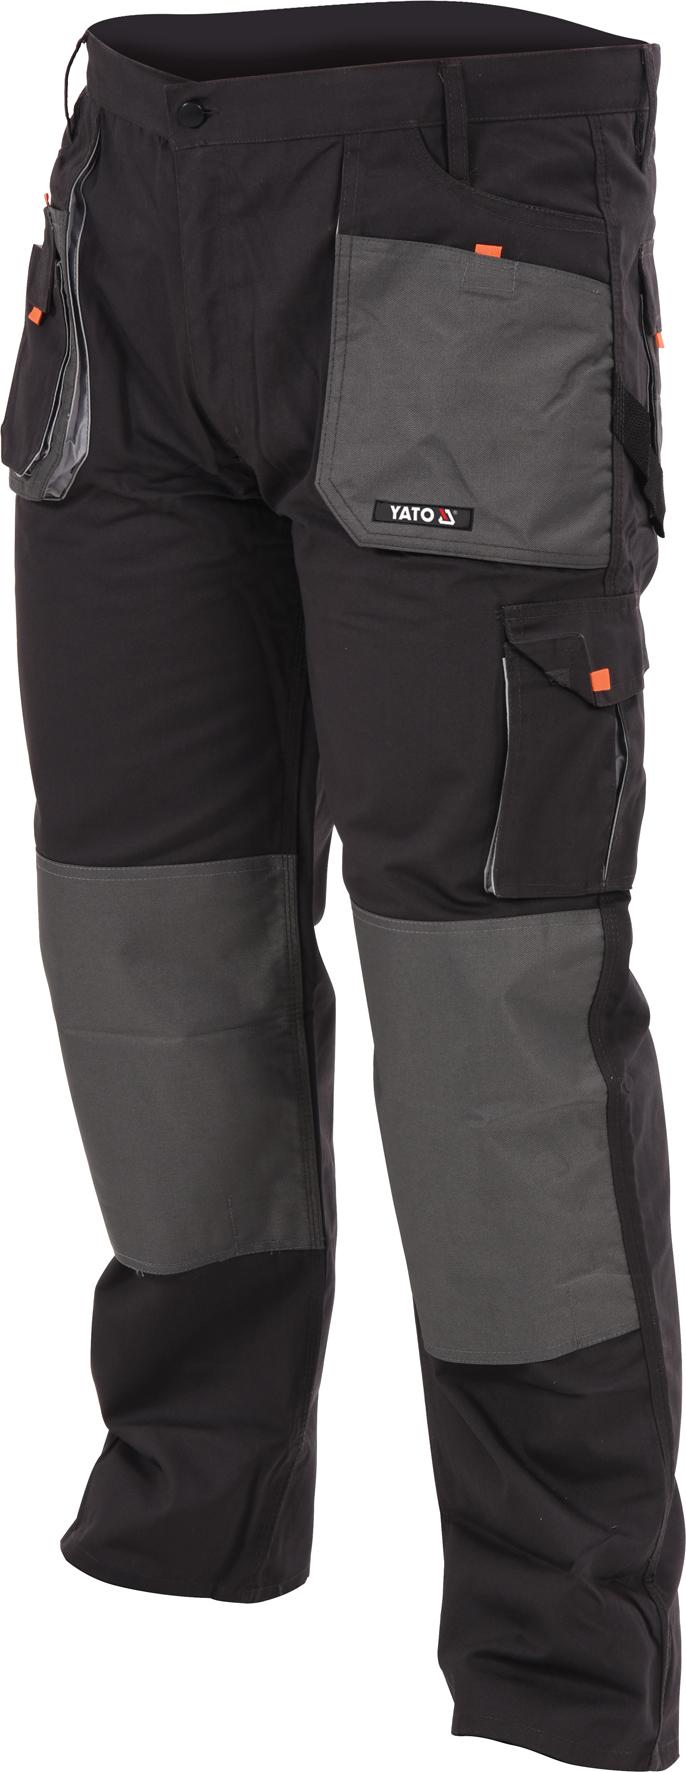 Pracovní kalhoty vel. 2XL